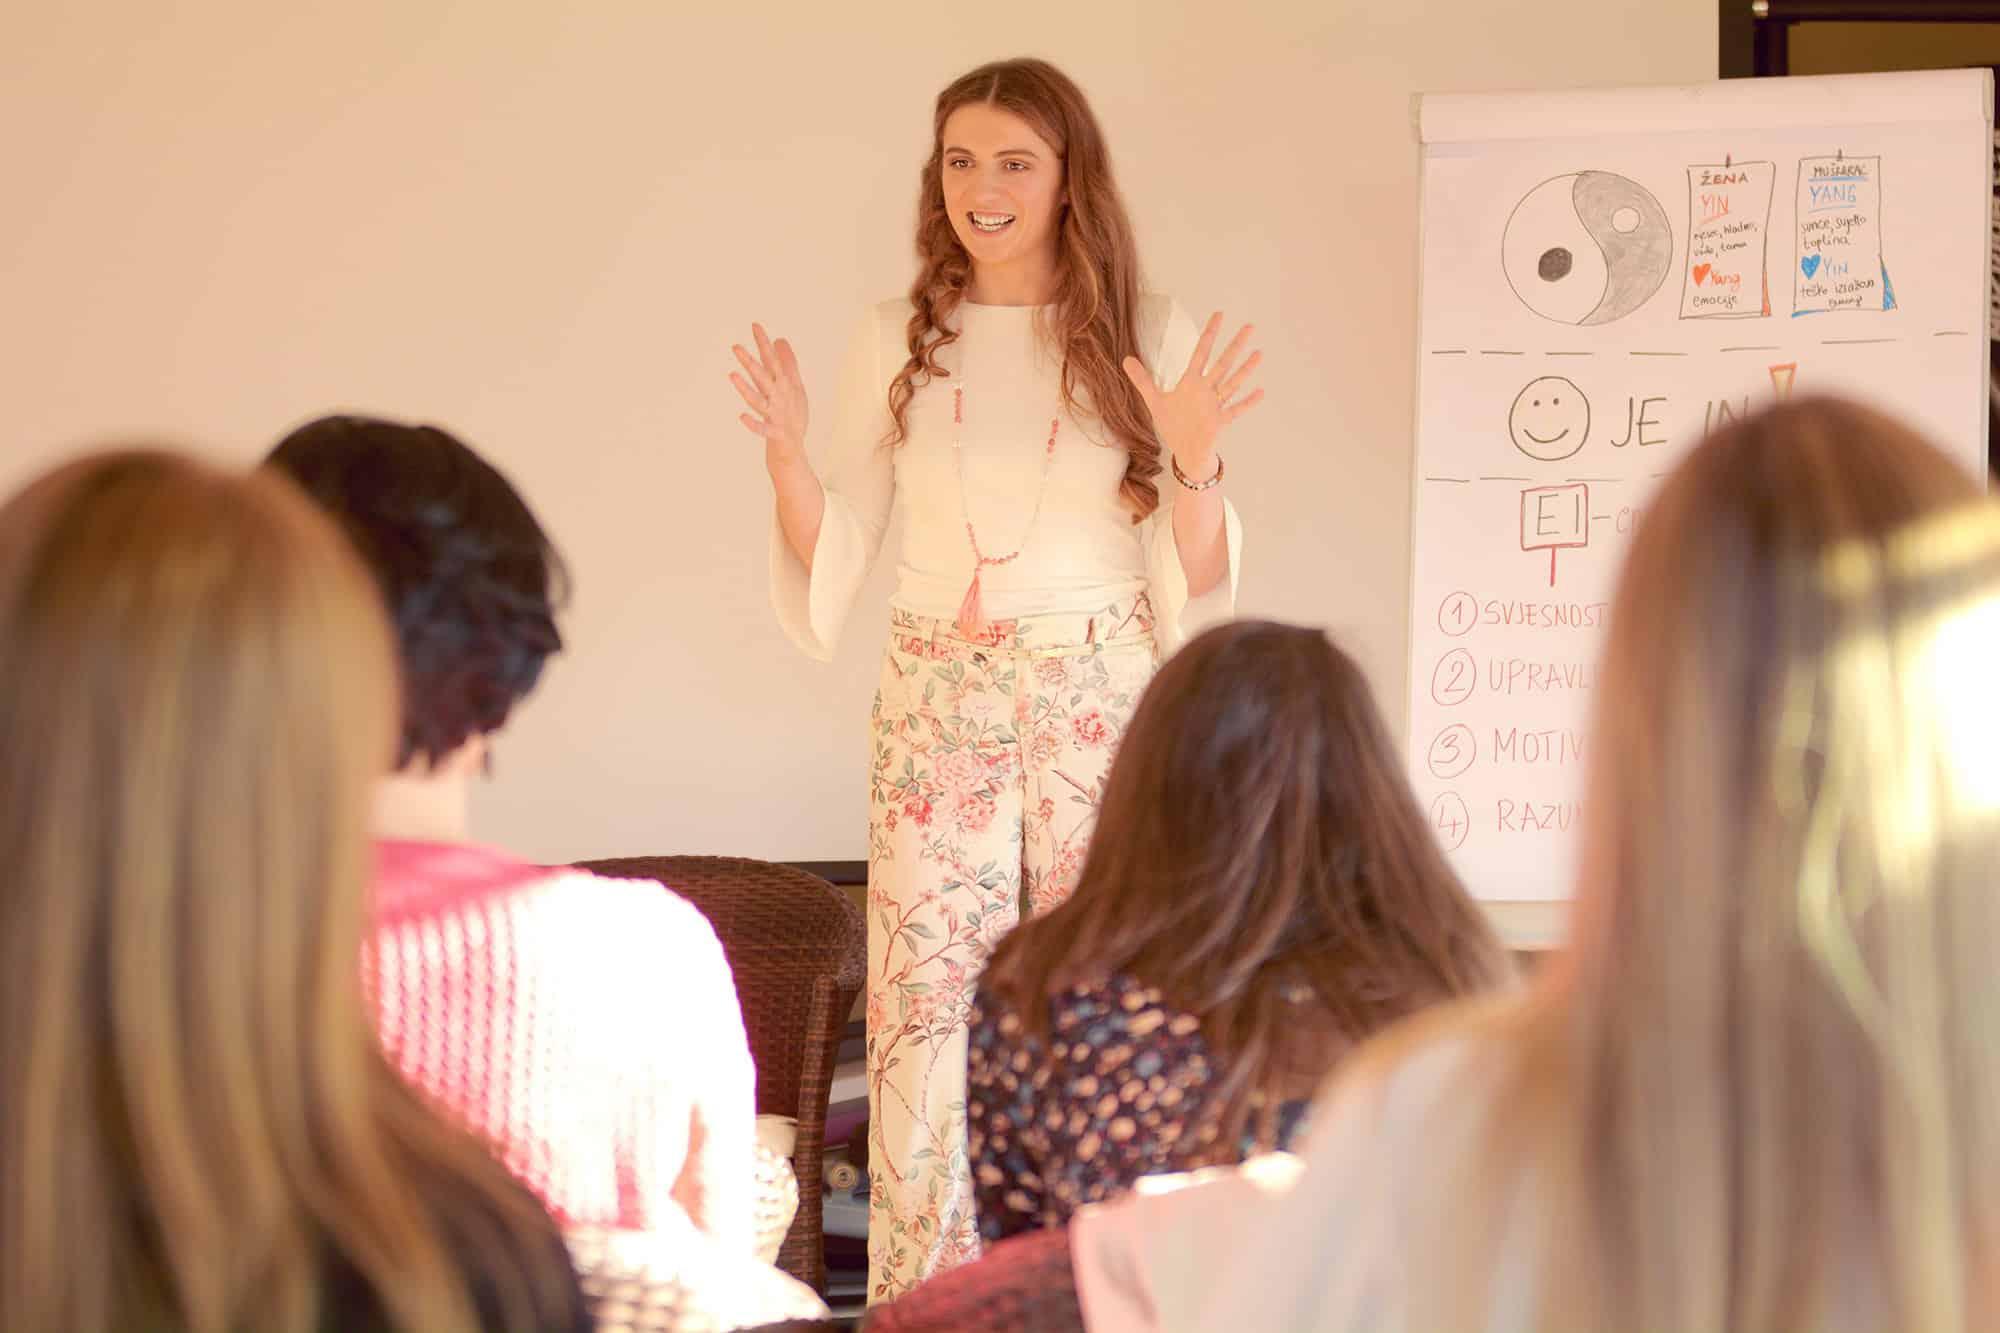 Petra Cutuk Vjeruj Traži Manifestiraj Zdravlje Meditacija Vježbe Disanja Samopouzdanje Posao Pms Pula Sreća Ciljevi Promjena Zasu